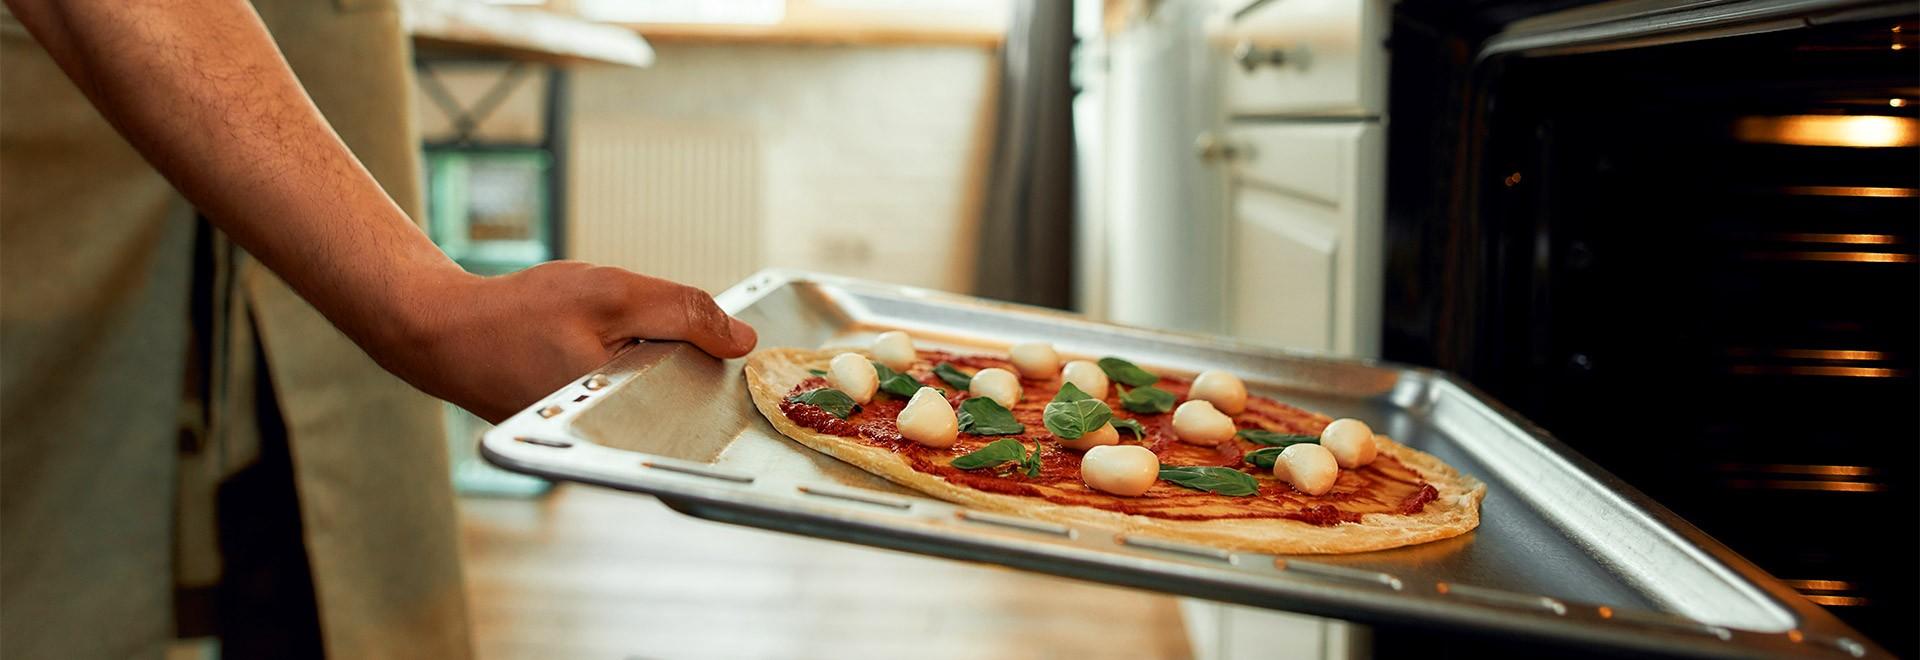 Tôle ou pierre à pizza, faites votre choix!